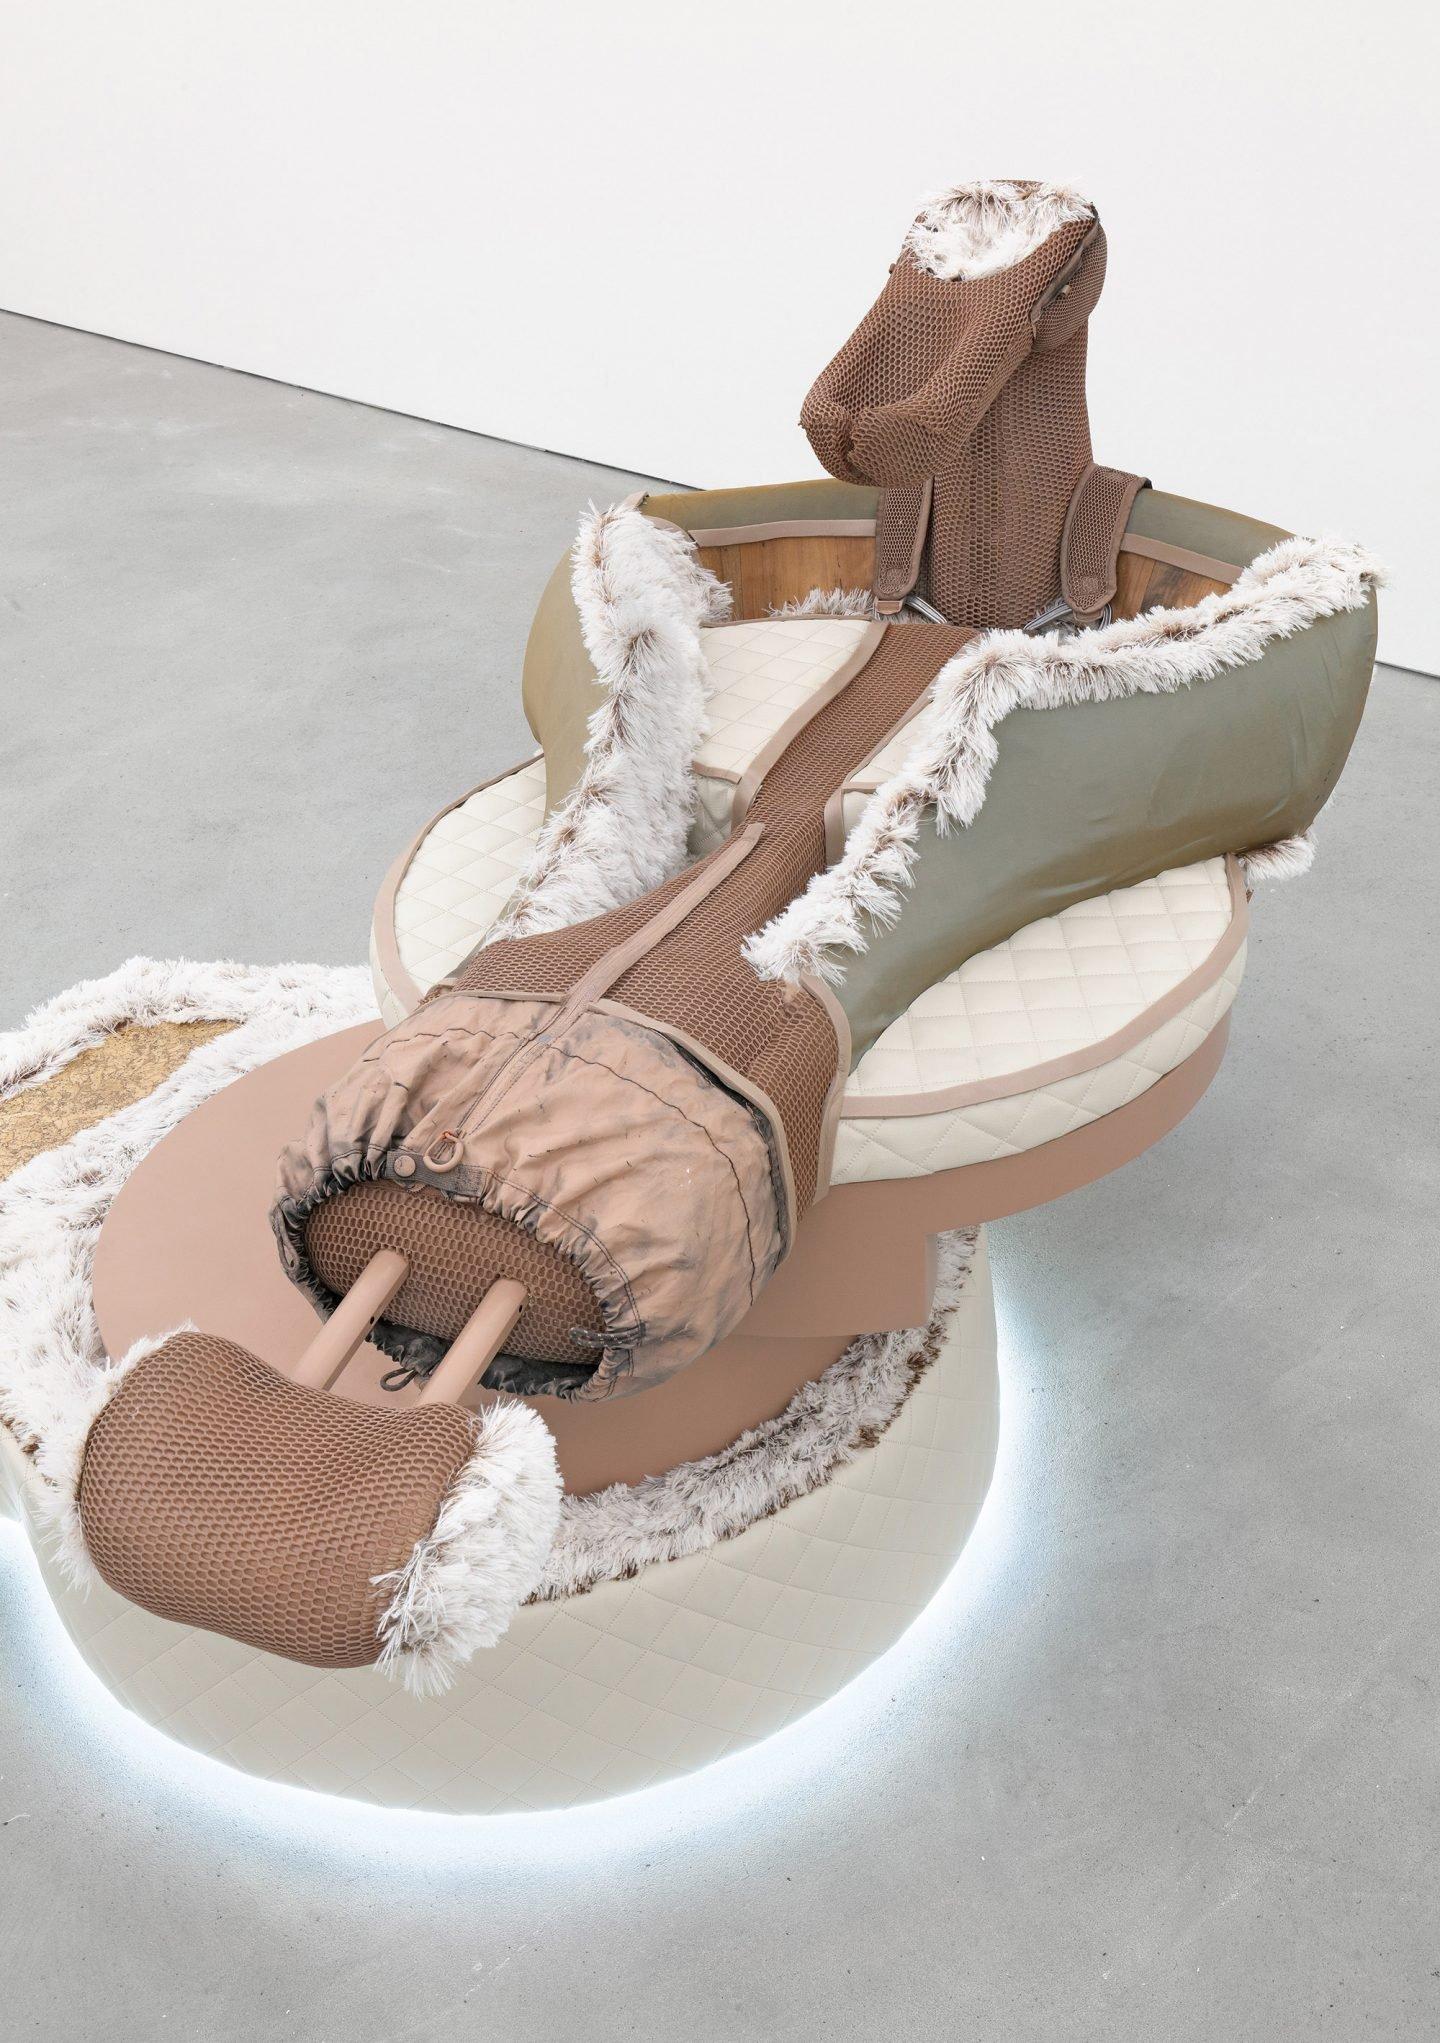 iGNANT-Art-Anna-Uddenberg-023